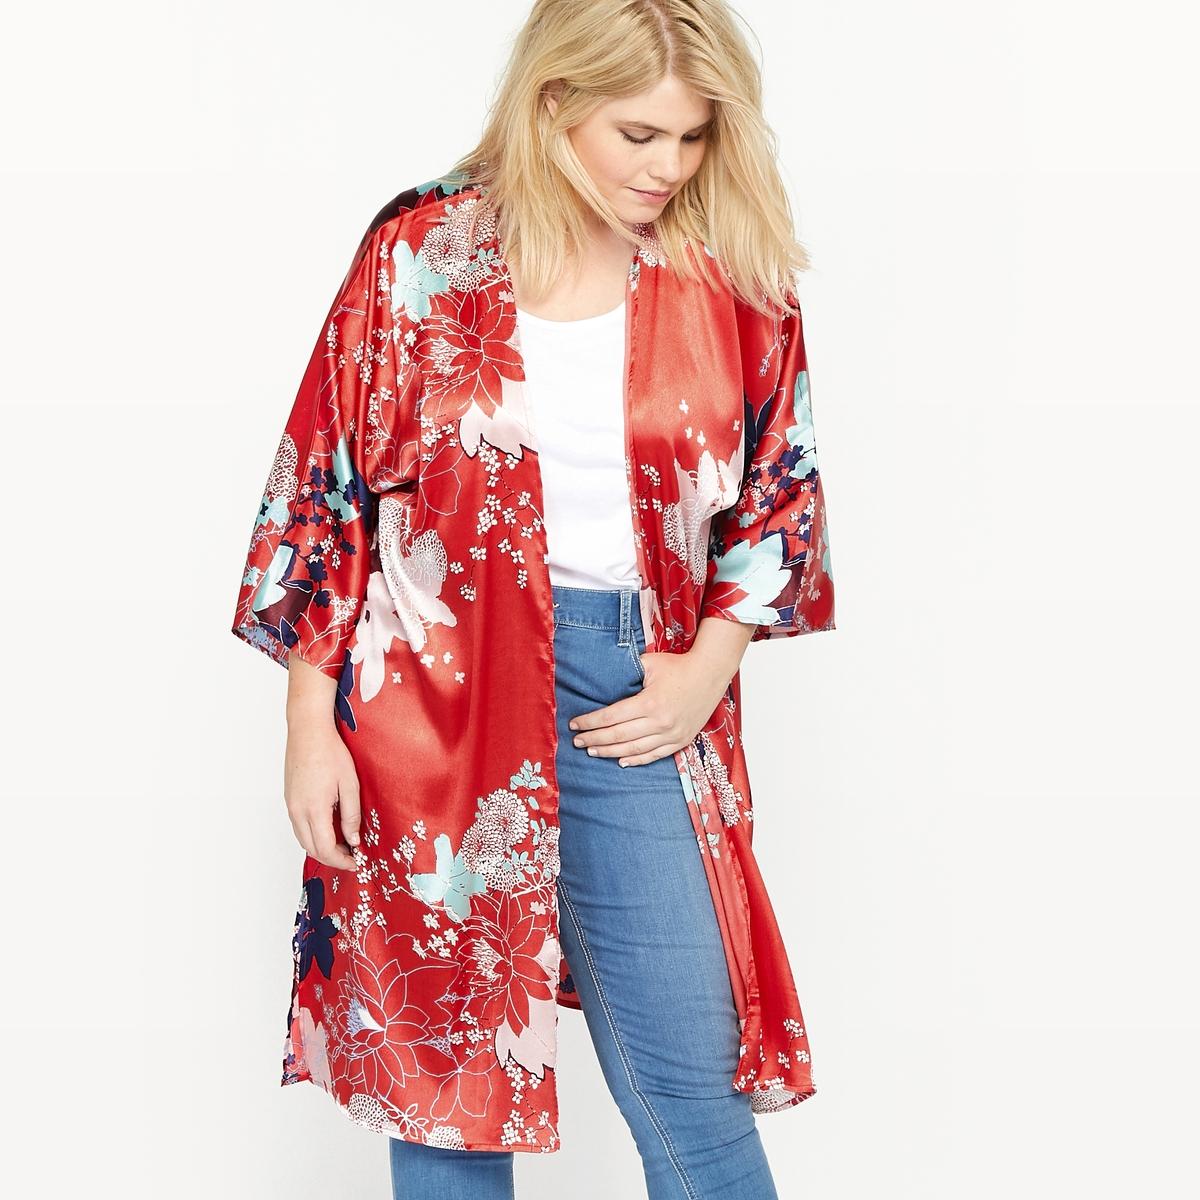 Жакет-кимоно с цветочным принтомСостав и описание :Материал : 100 % бархатистый полиэстер.Длина : 100 см для размера 48.Марка : CASTALUNA.Уход : Машинная стирка при 30°.<br><br>Цвет: цветочный рисунок<br>Размер: 54/56 (FR) - 60/62 (RUS)